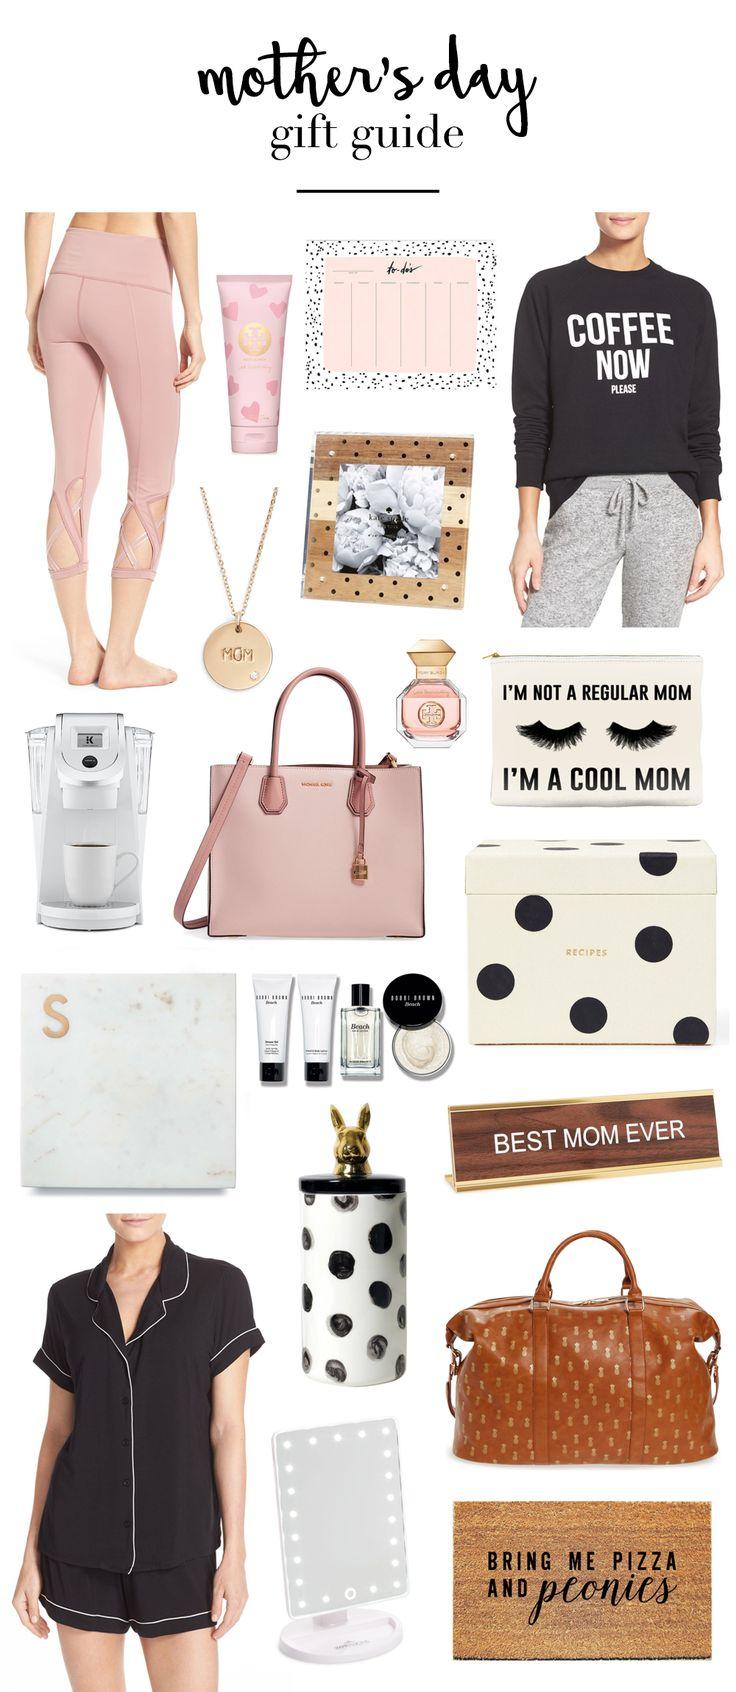 Mother's Day | Mother's Day Gift Ideas | Mother's Day Gift Guide | Gifts For Her | Gifts For Moms | Gifts For Women